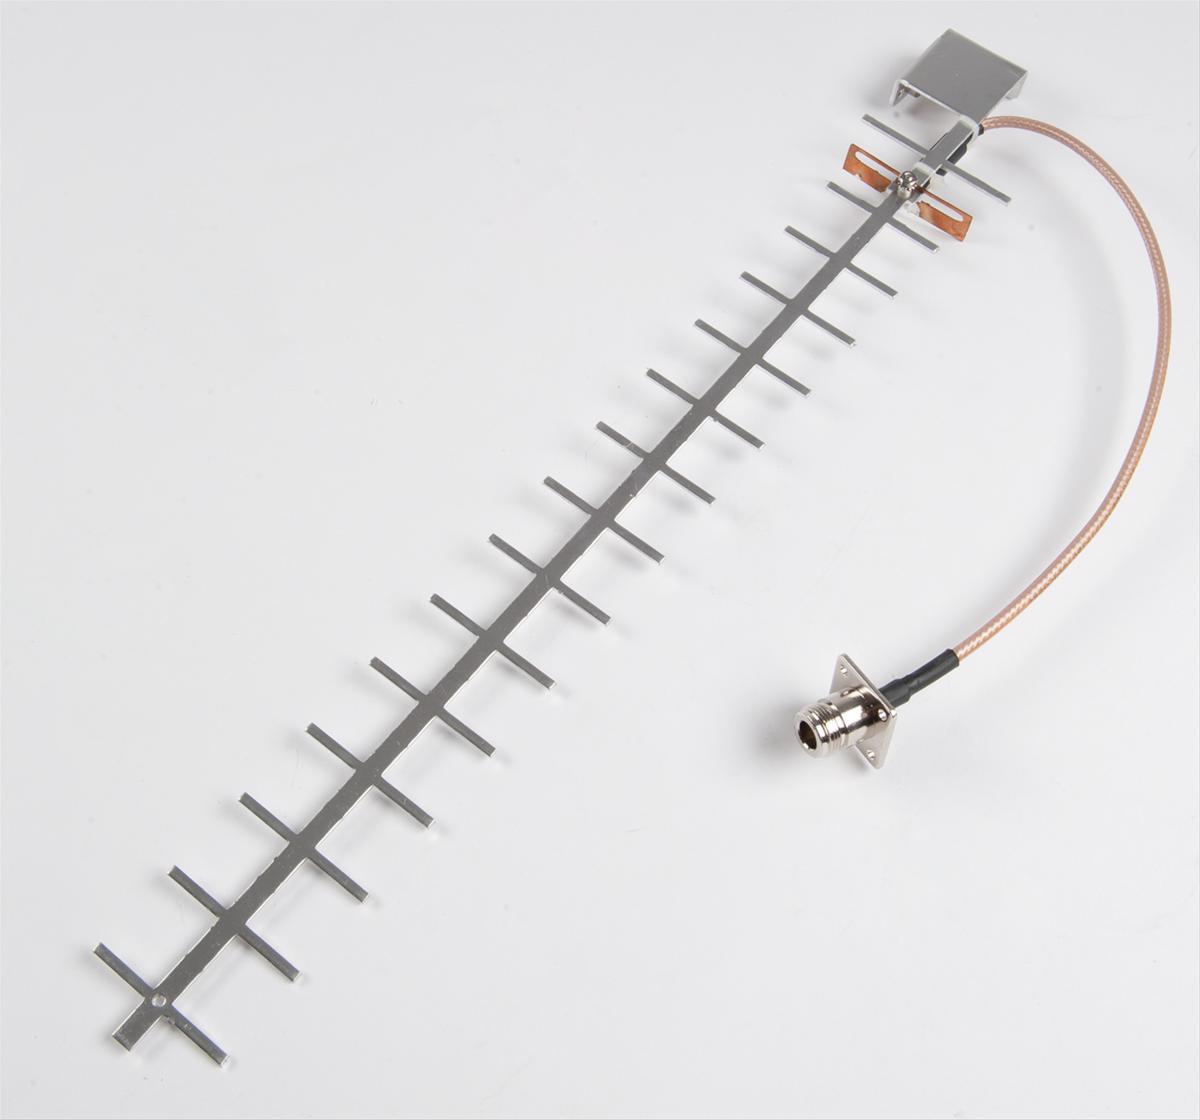 MFJ WiFi Yagi Antennas MFJ-1800